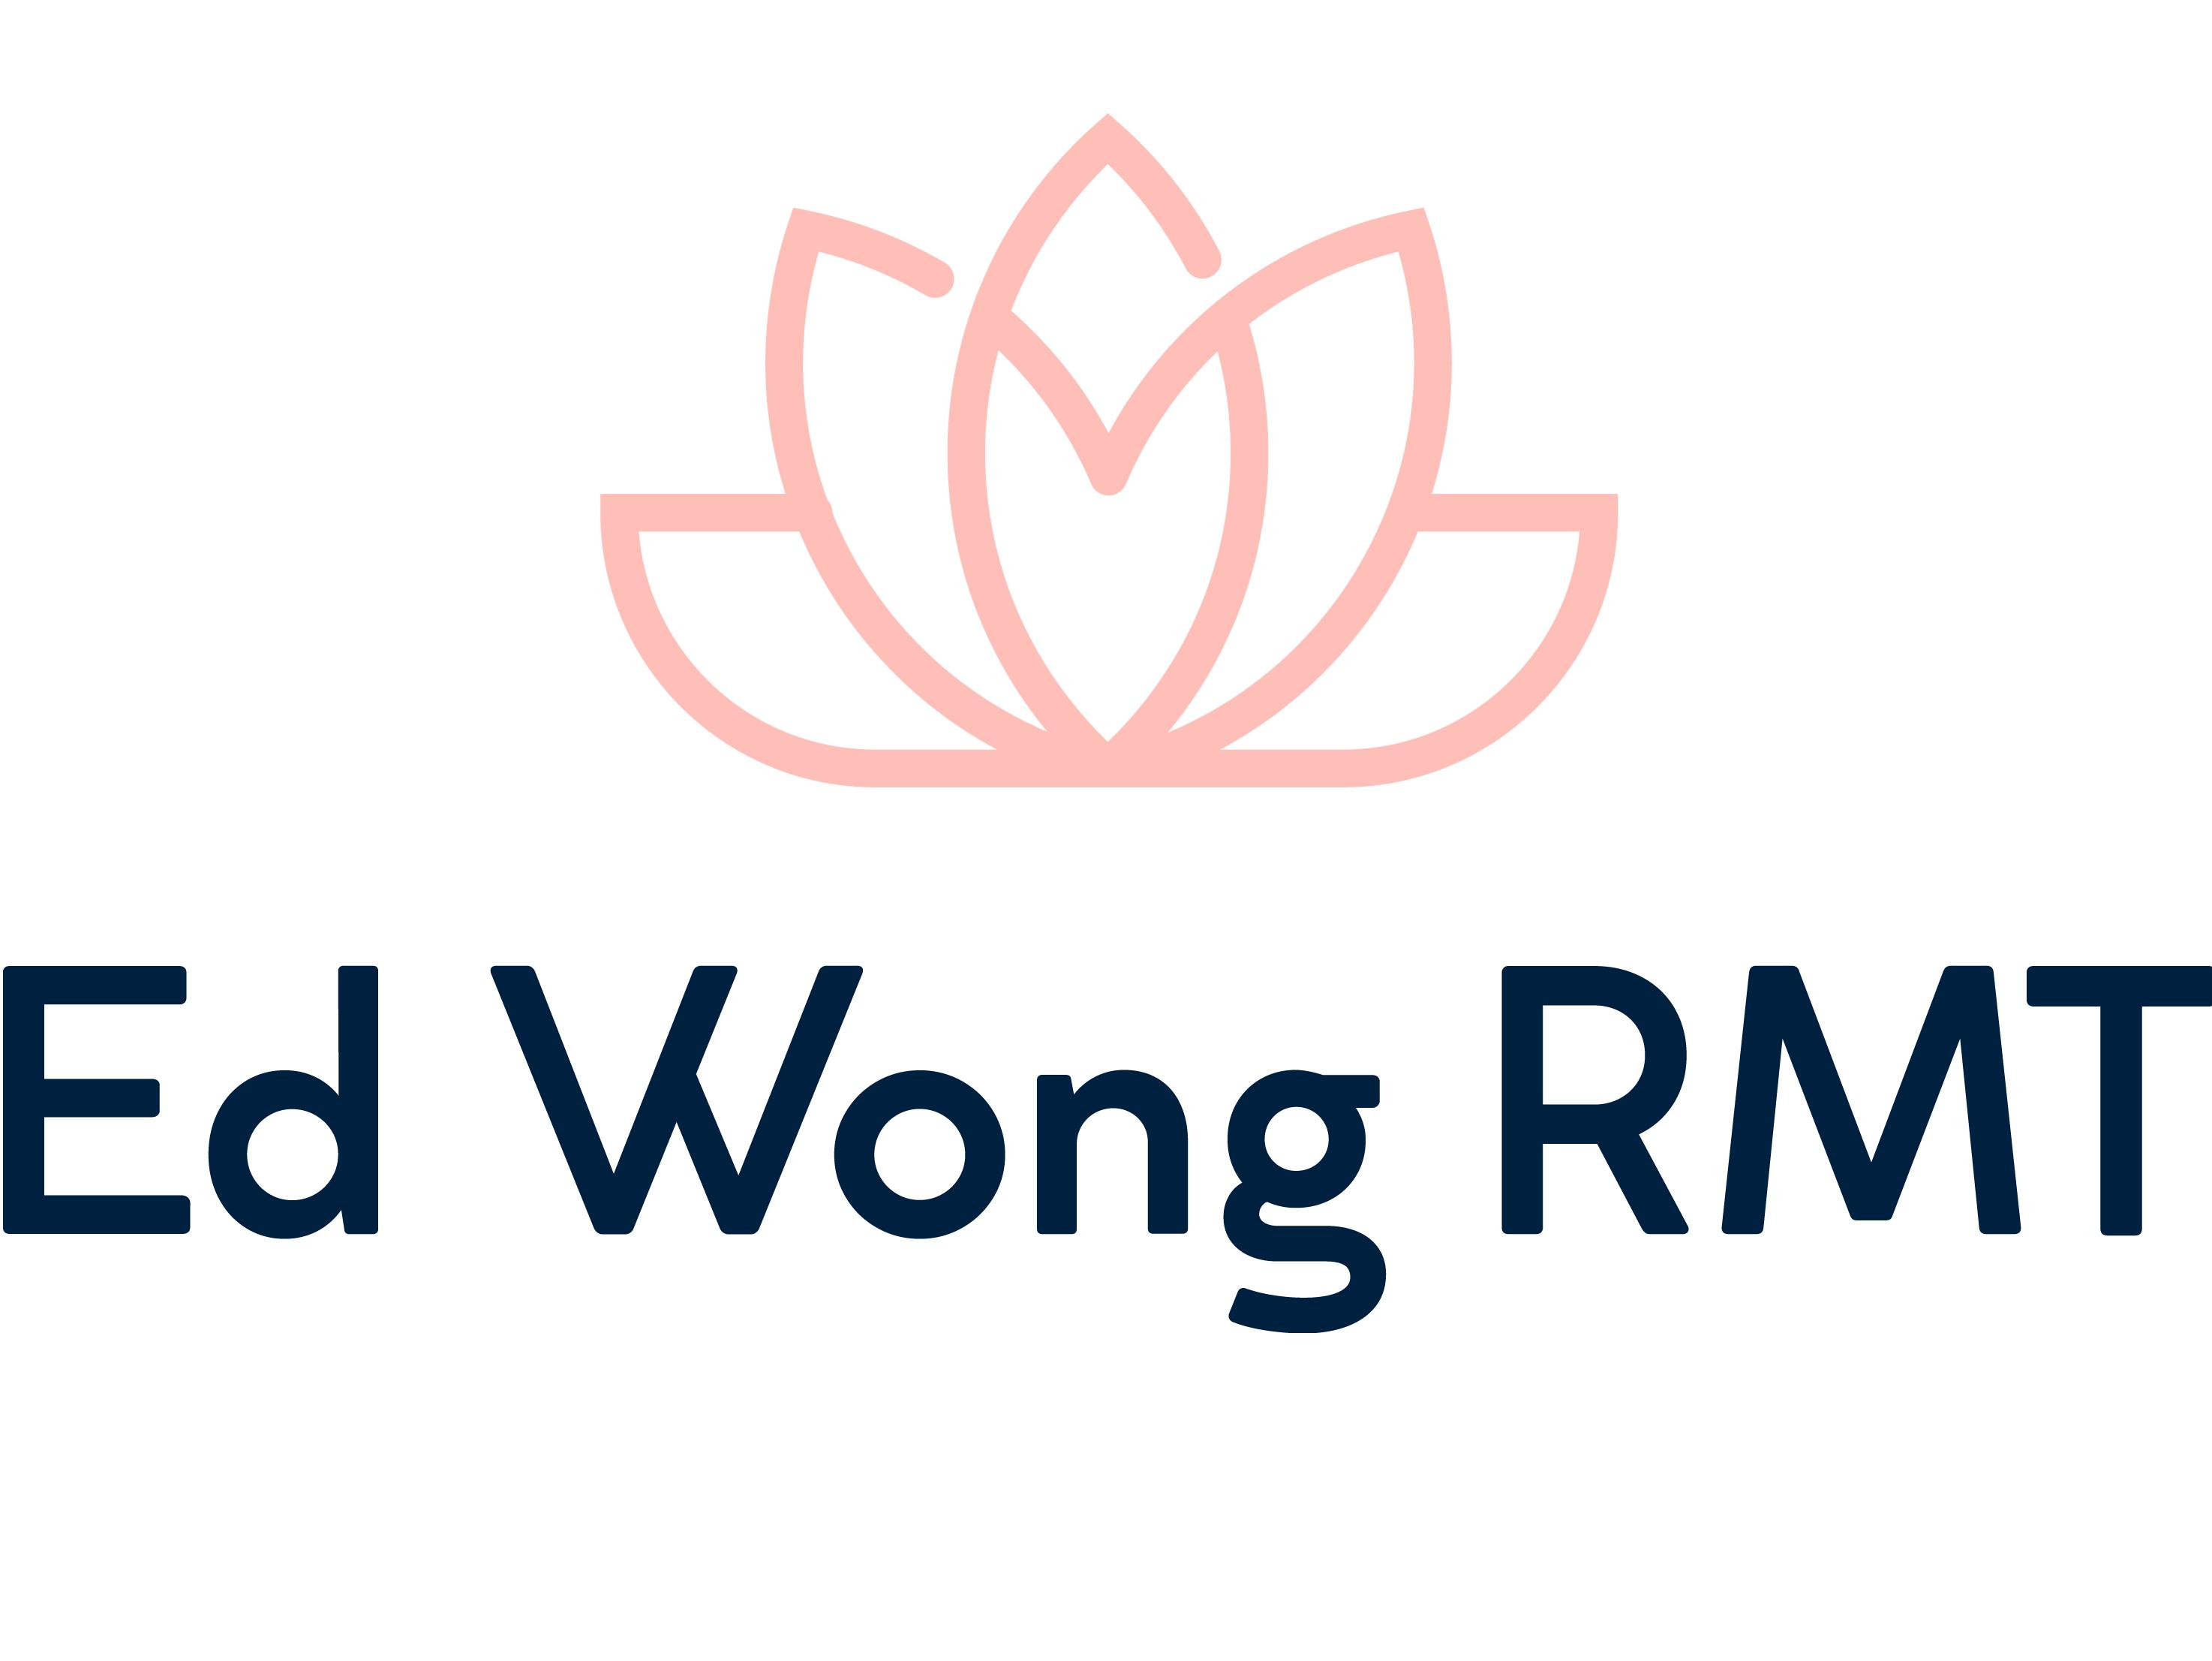 Ed Wong RMT